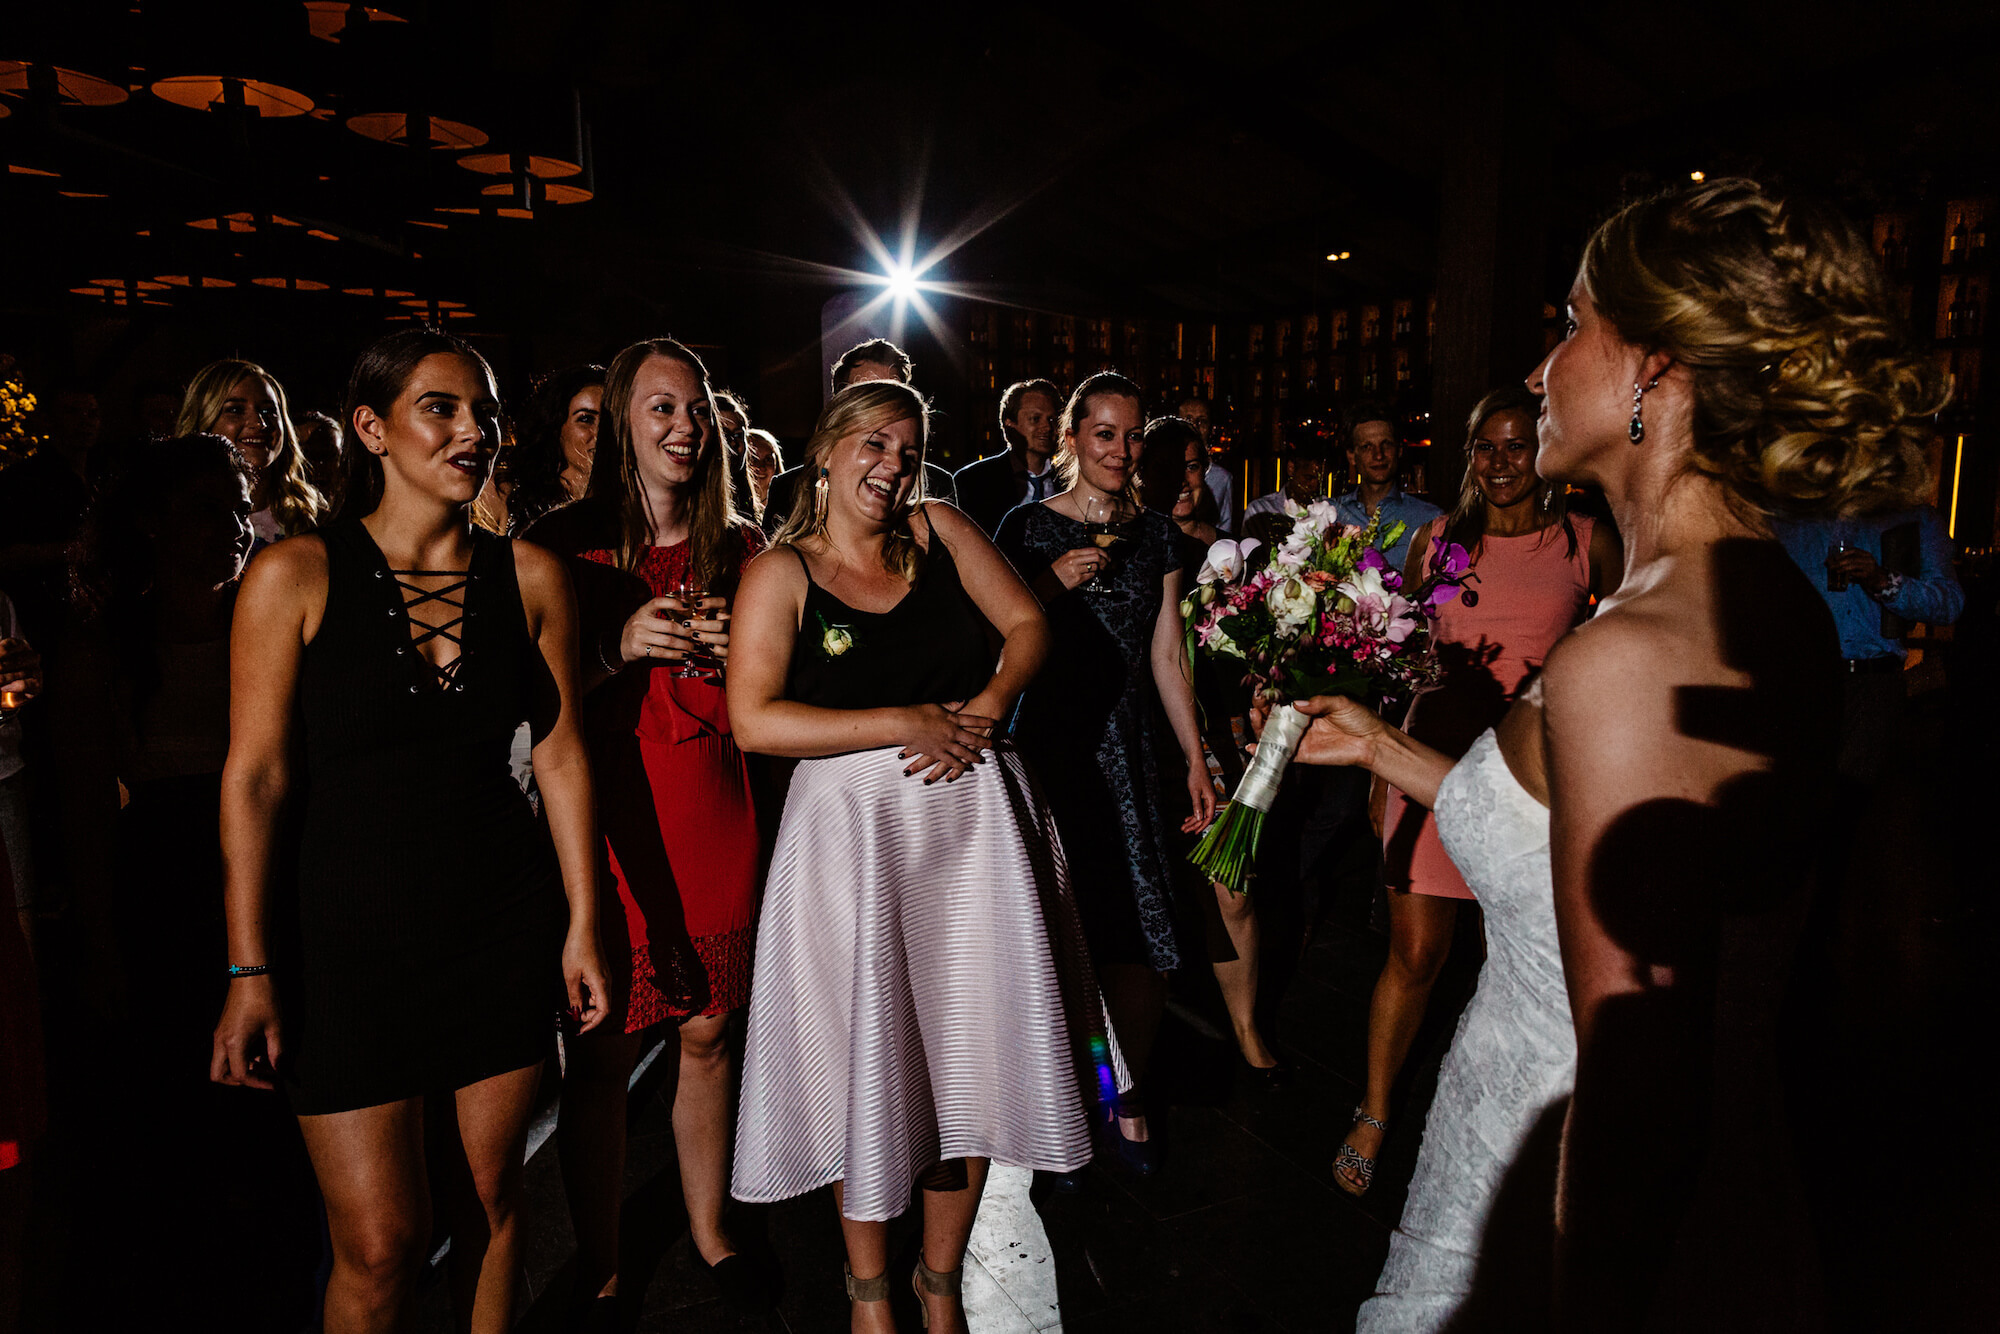 griekse-bruiloft-trouwfotograaf-utrecht-52.jpg